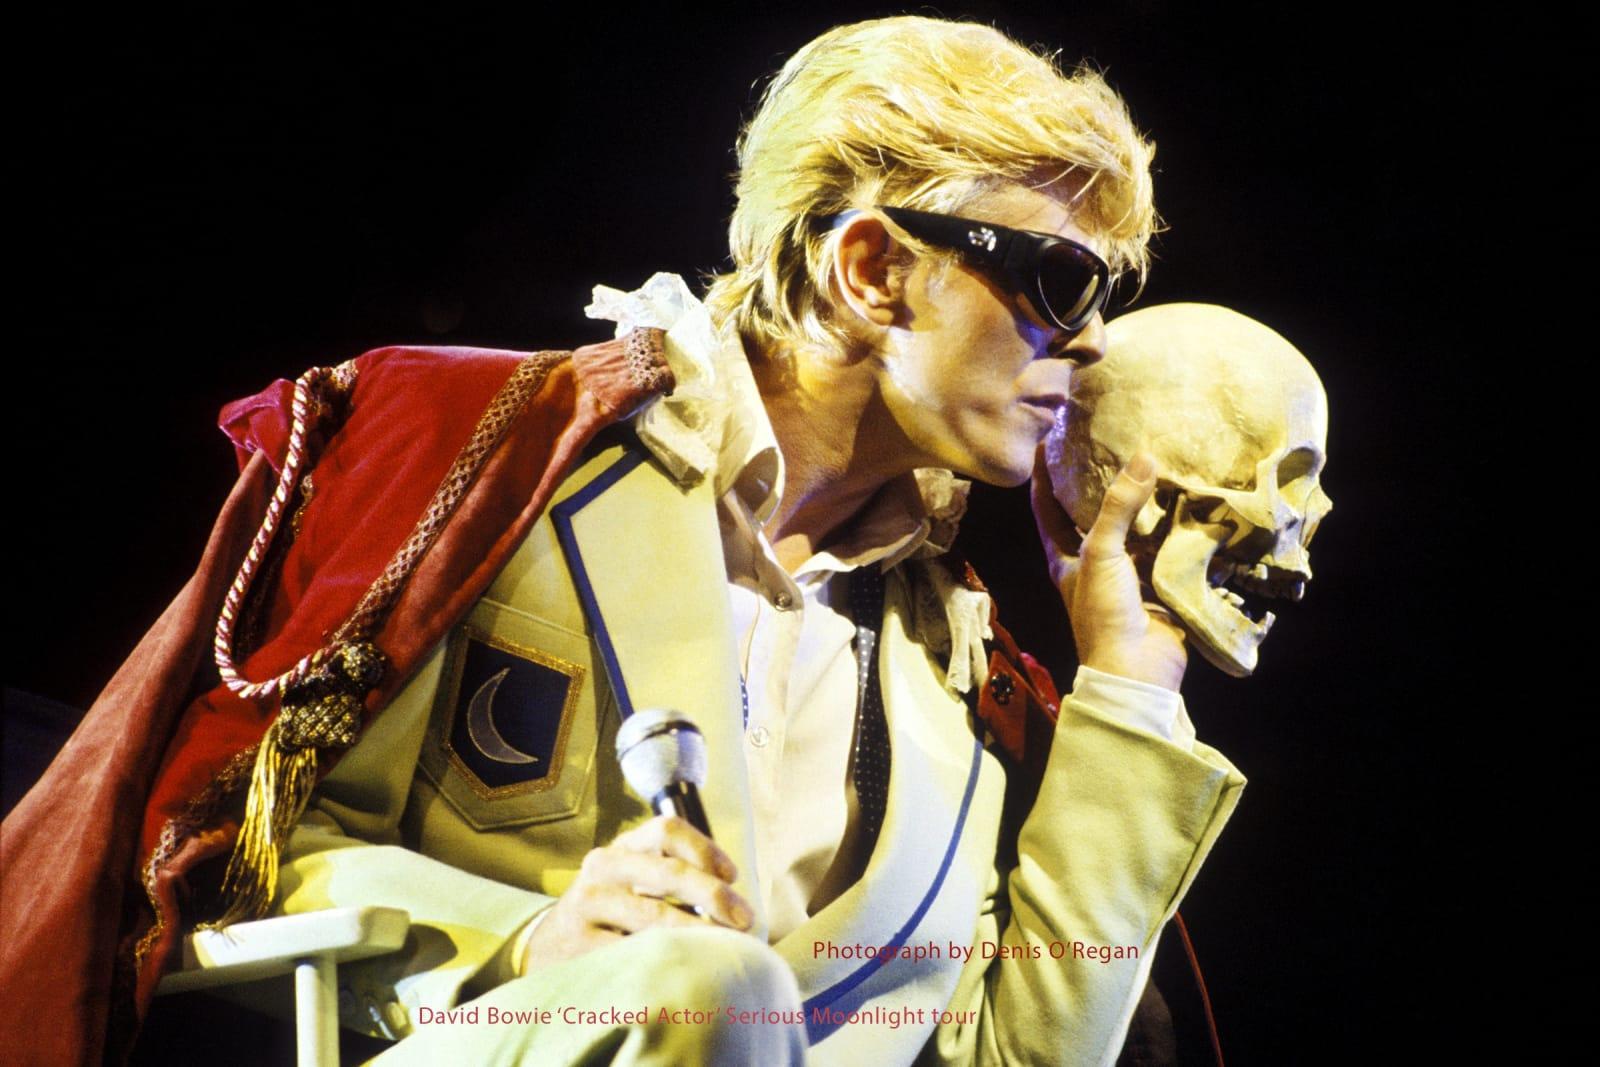 DAVID BOWIE, David Bowie 'Hamlet', 1983